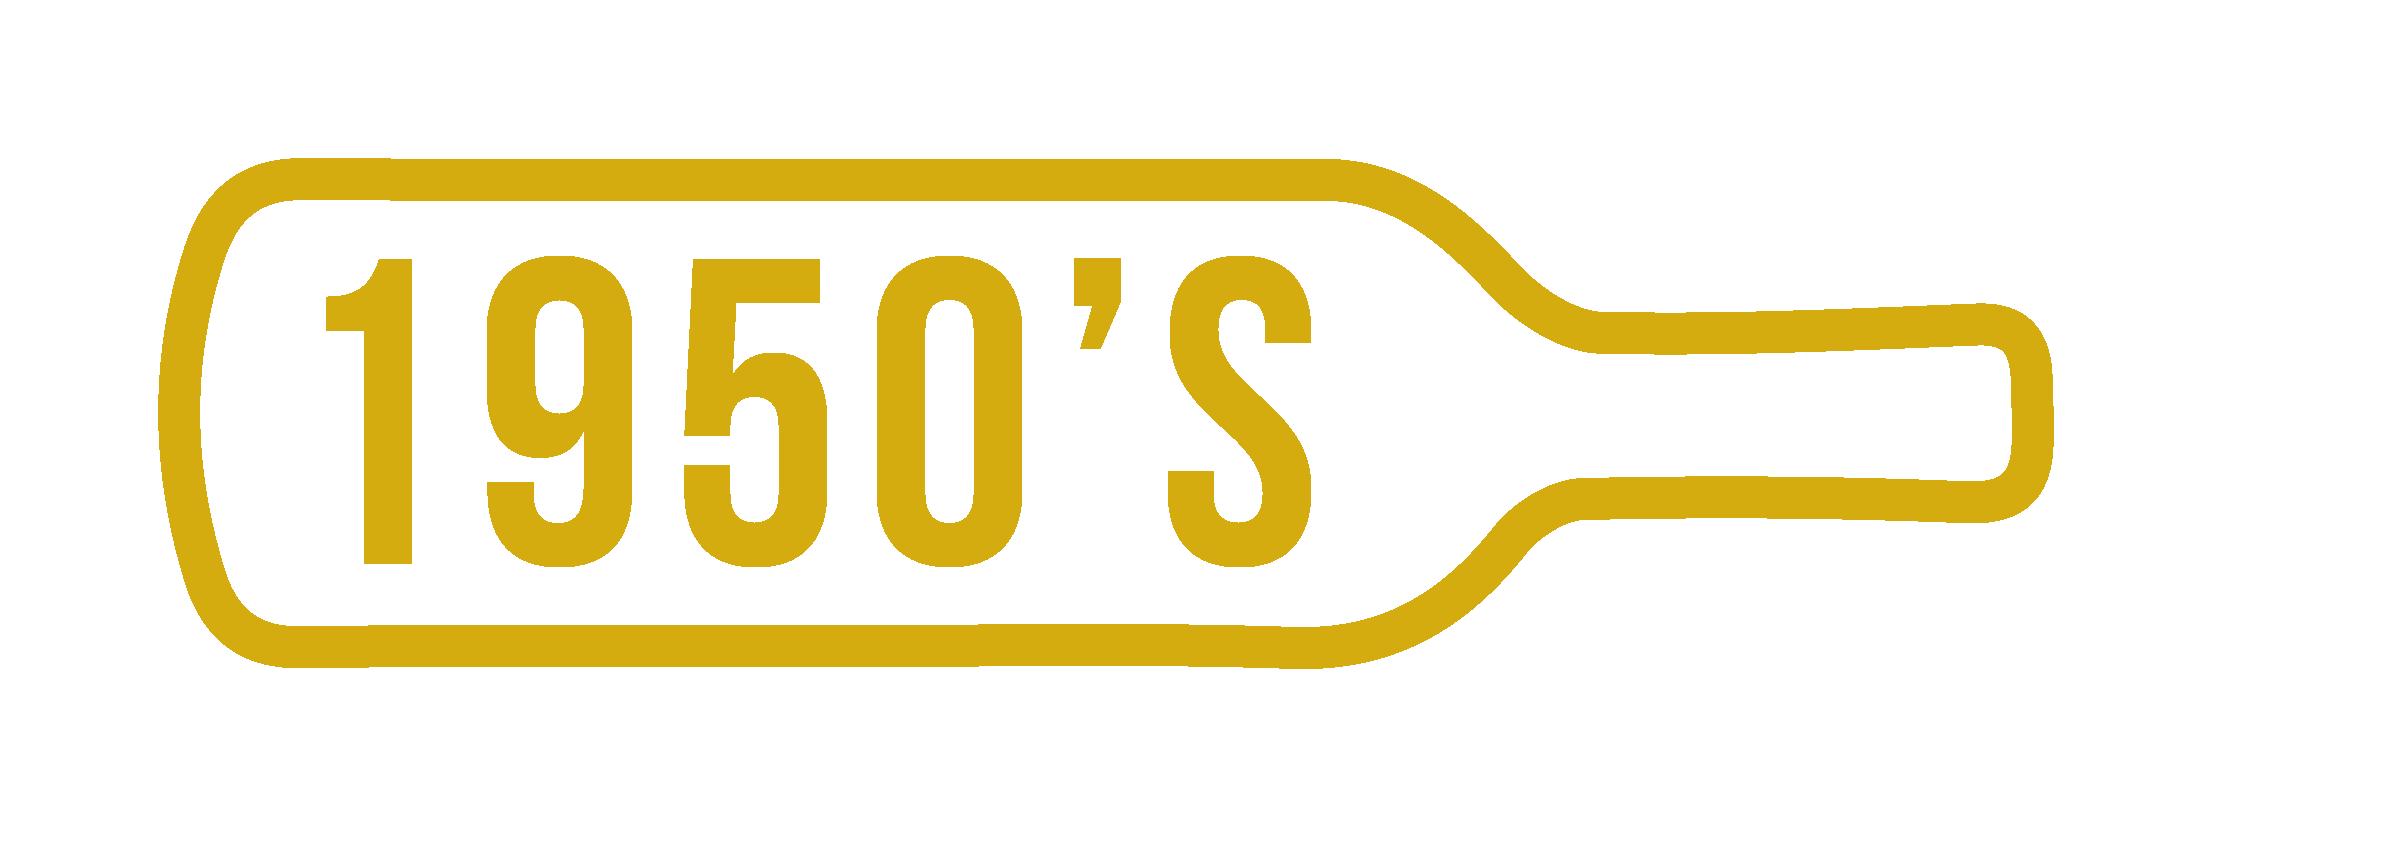 Créez vous-même votre coffret vin anniversaire millésime 1950 à 1959